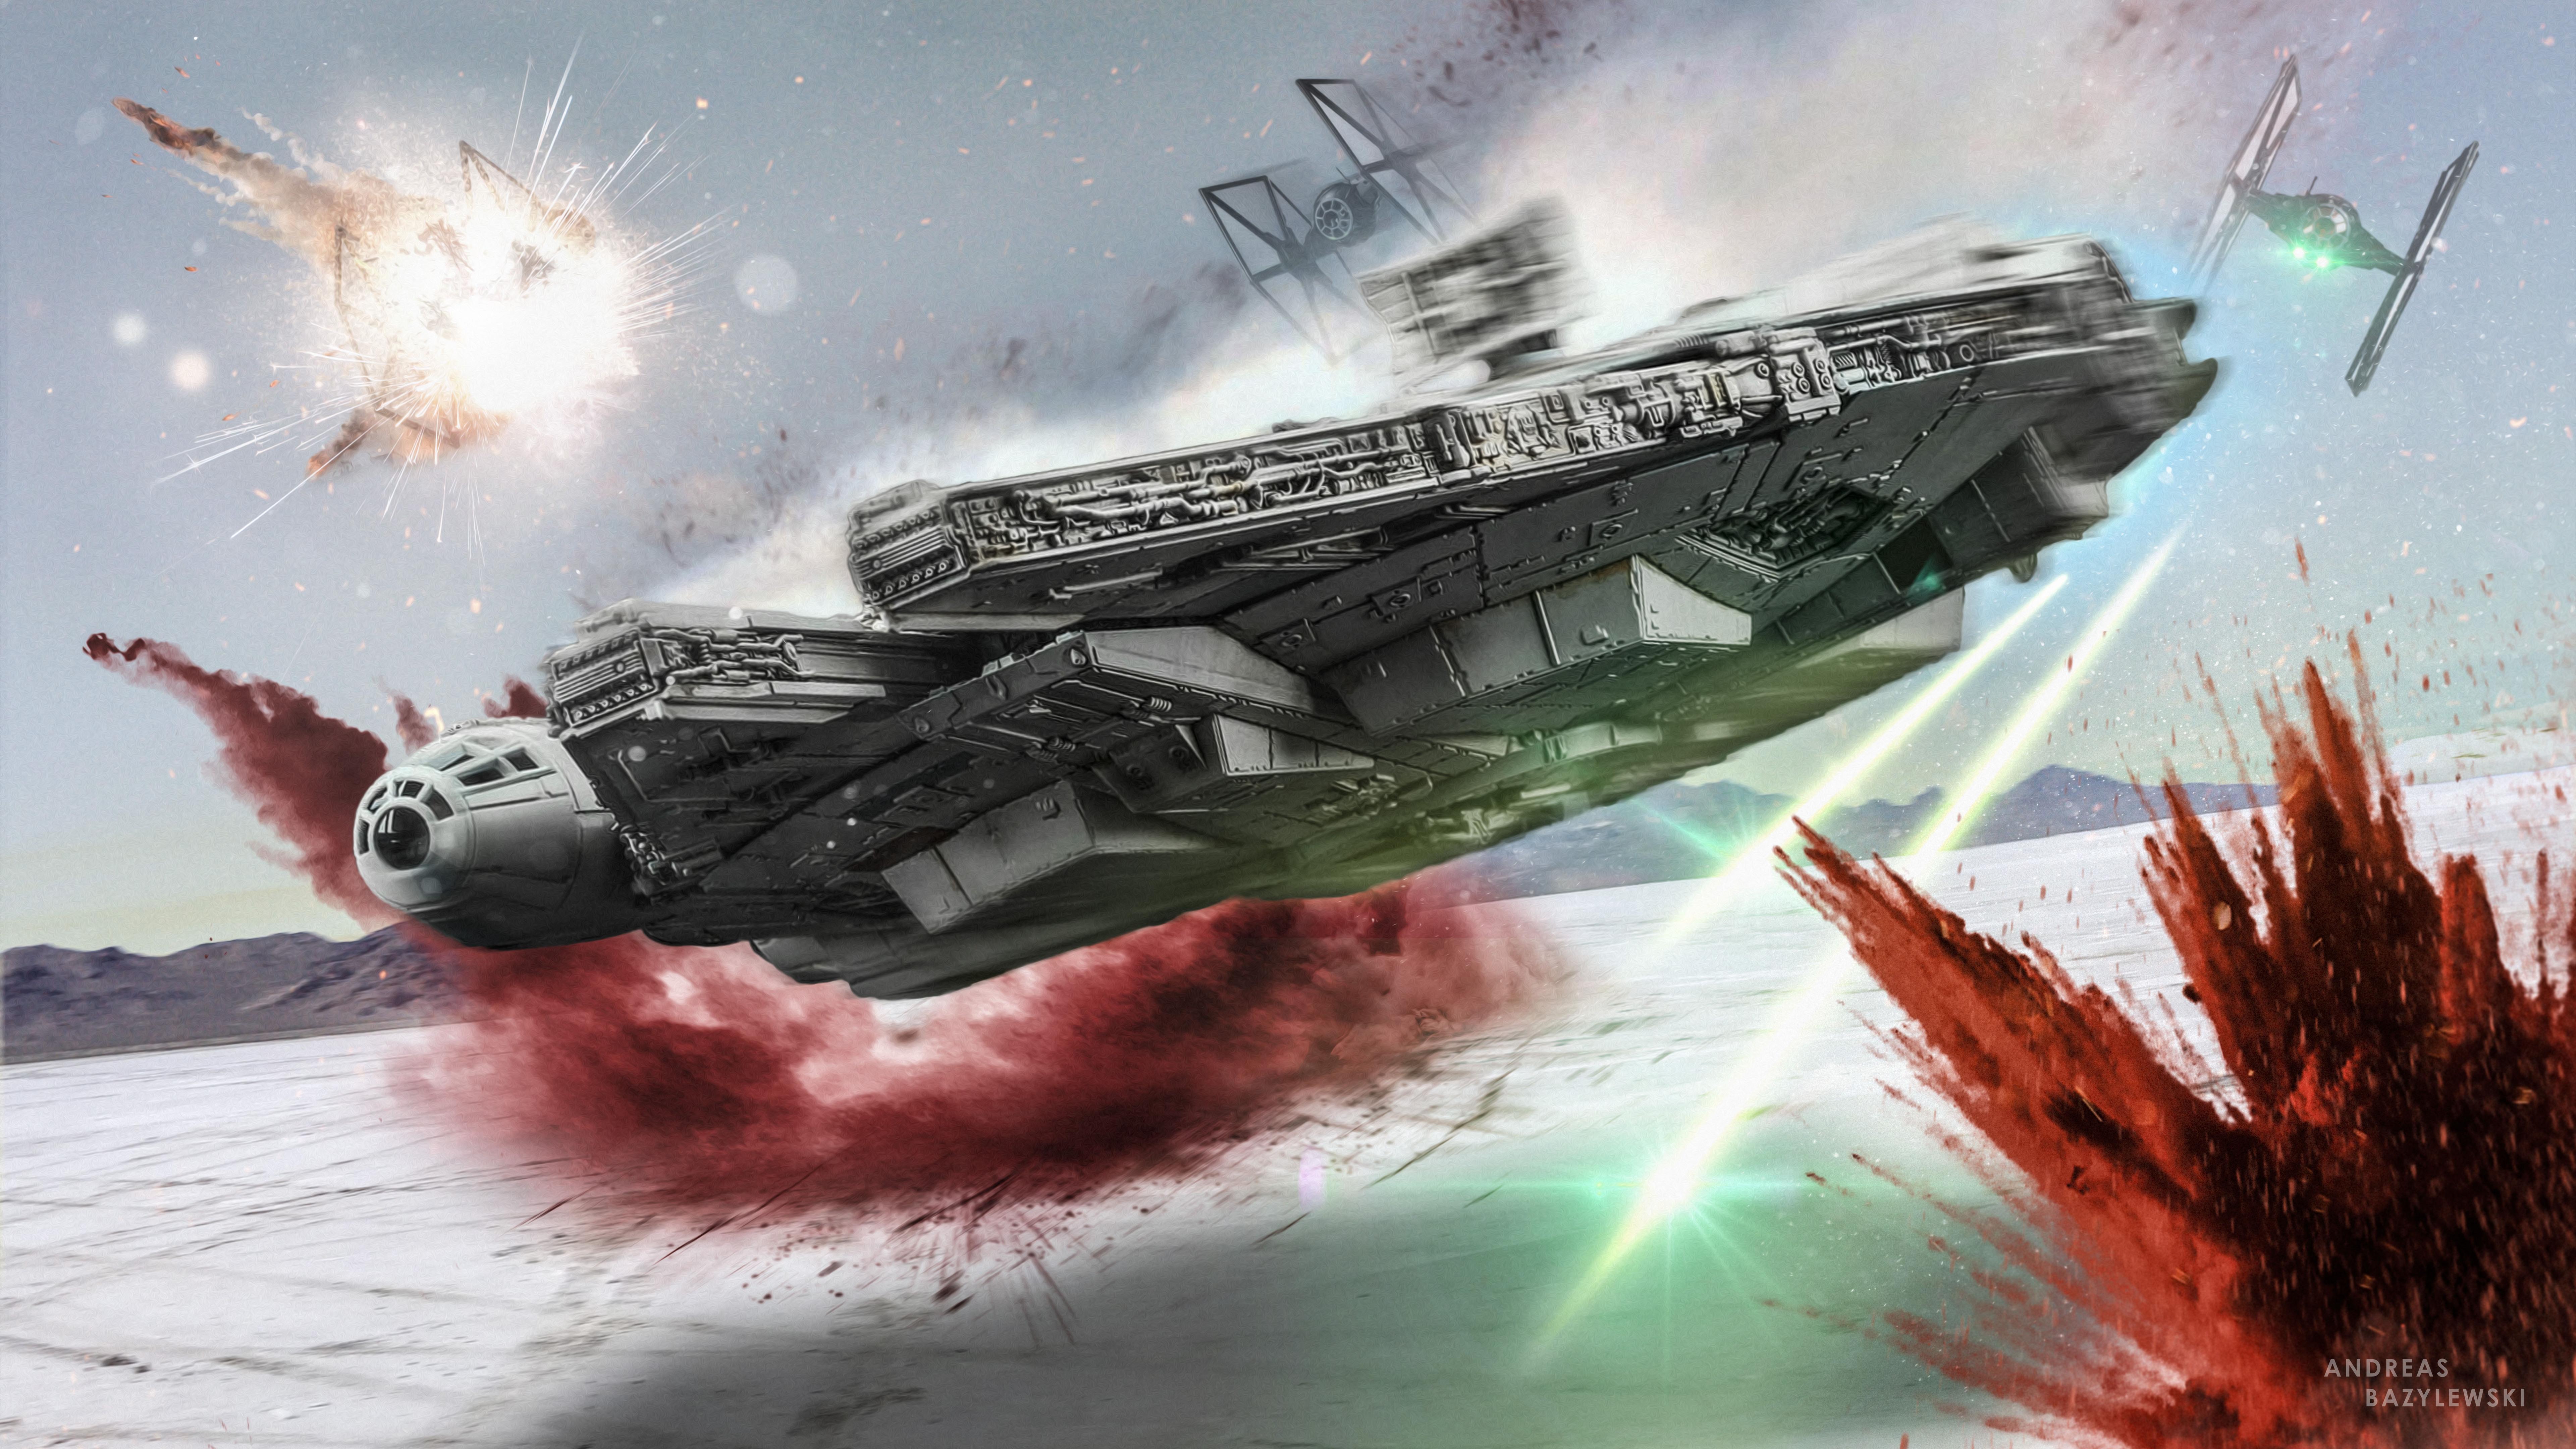 7680x4320 Star Wars The Last Jedi Millennium Falcon 8k Hd 4k